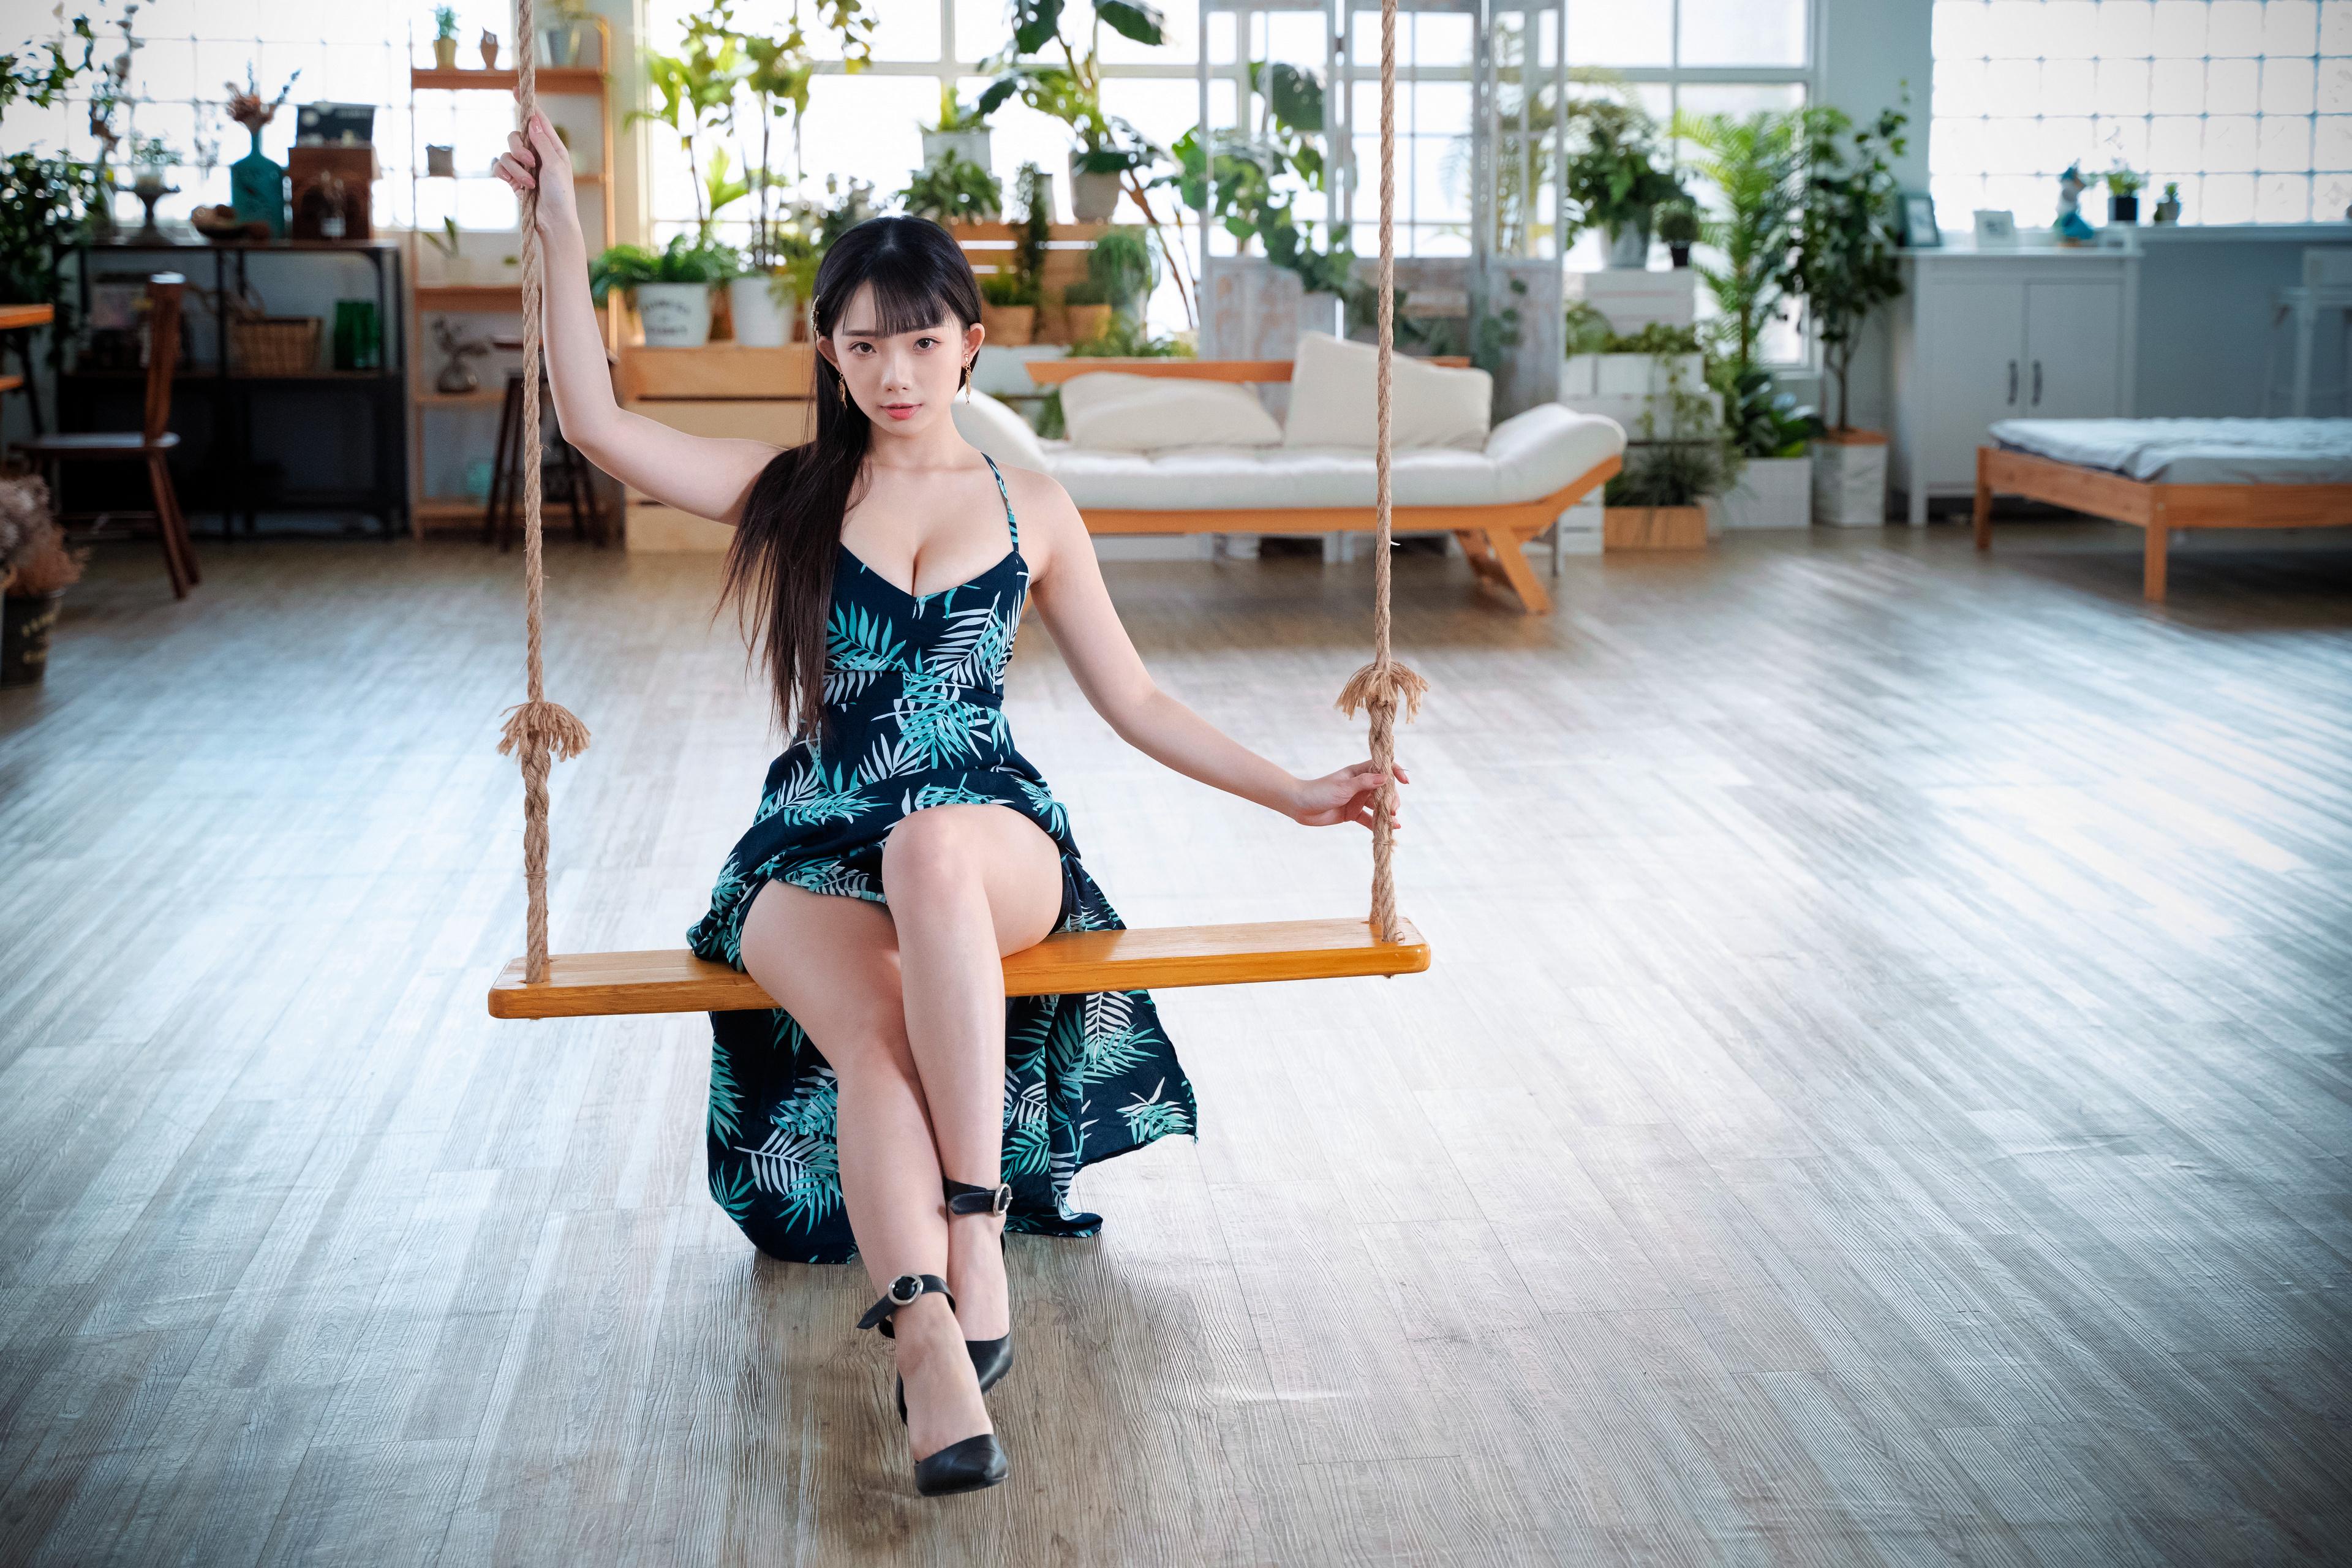 Картинки Брюнетка Качели Девушки Ноги азиатки смотрят платья брюнетки брюнеток качелях девушка молодая женщина молодые женщины ног Азиаты азиатка Взгляд смотрит Платье